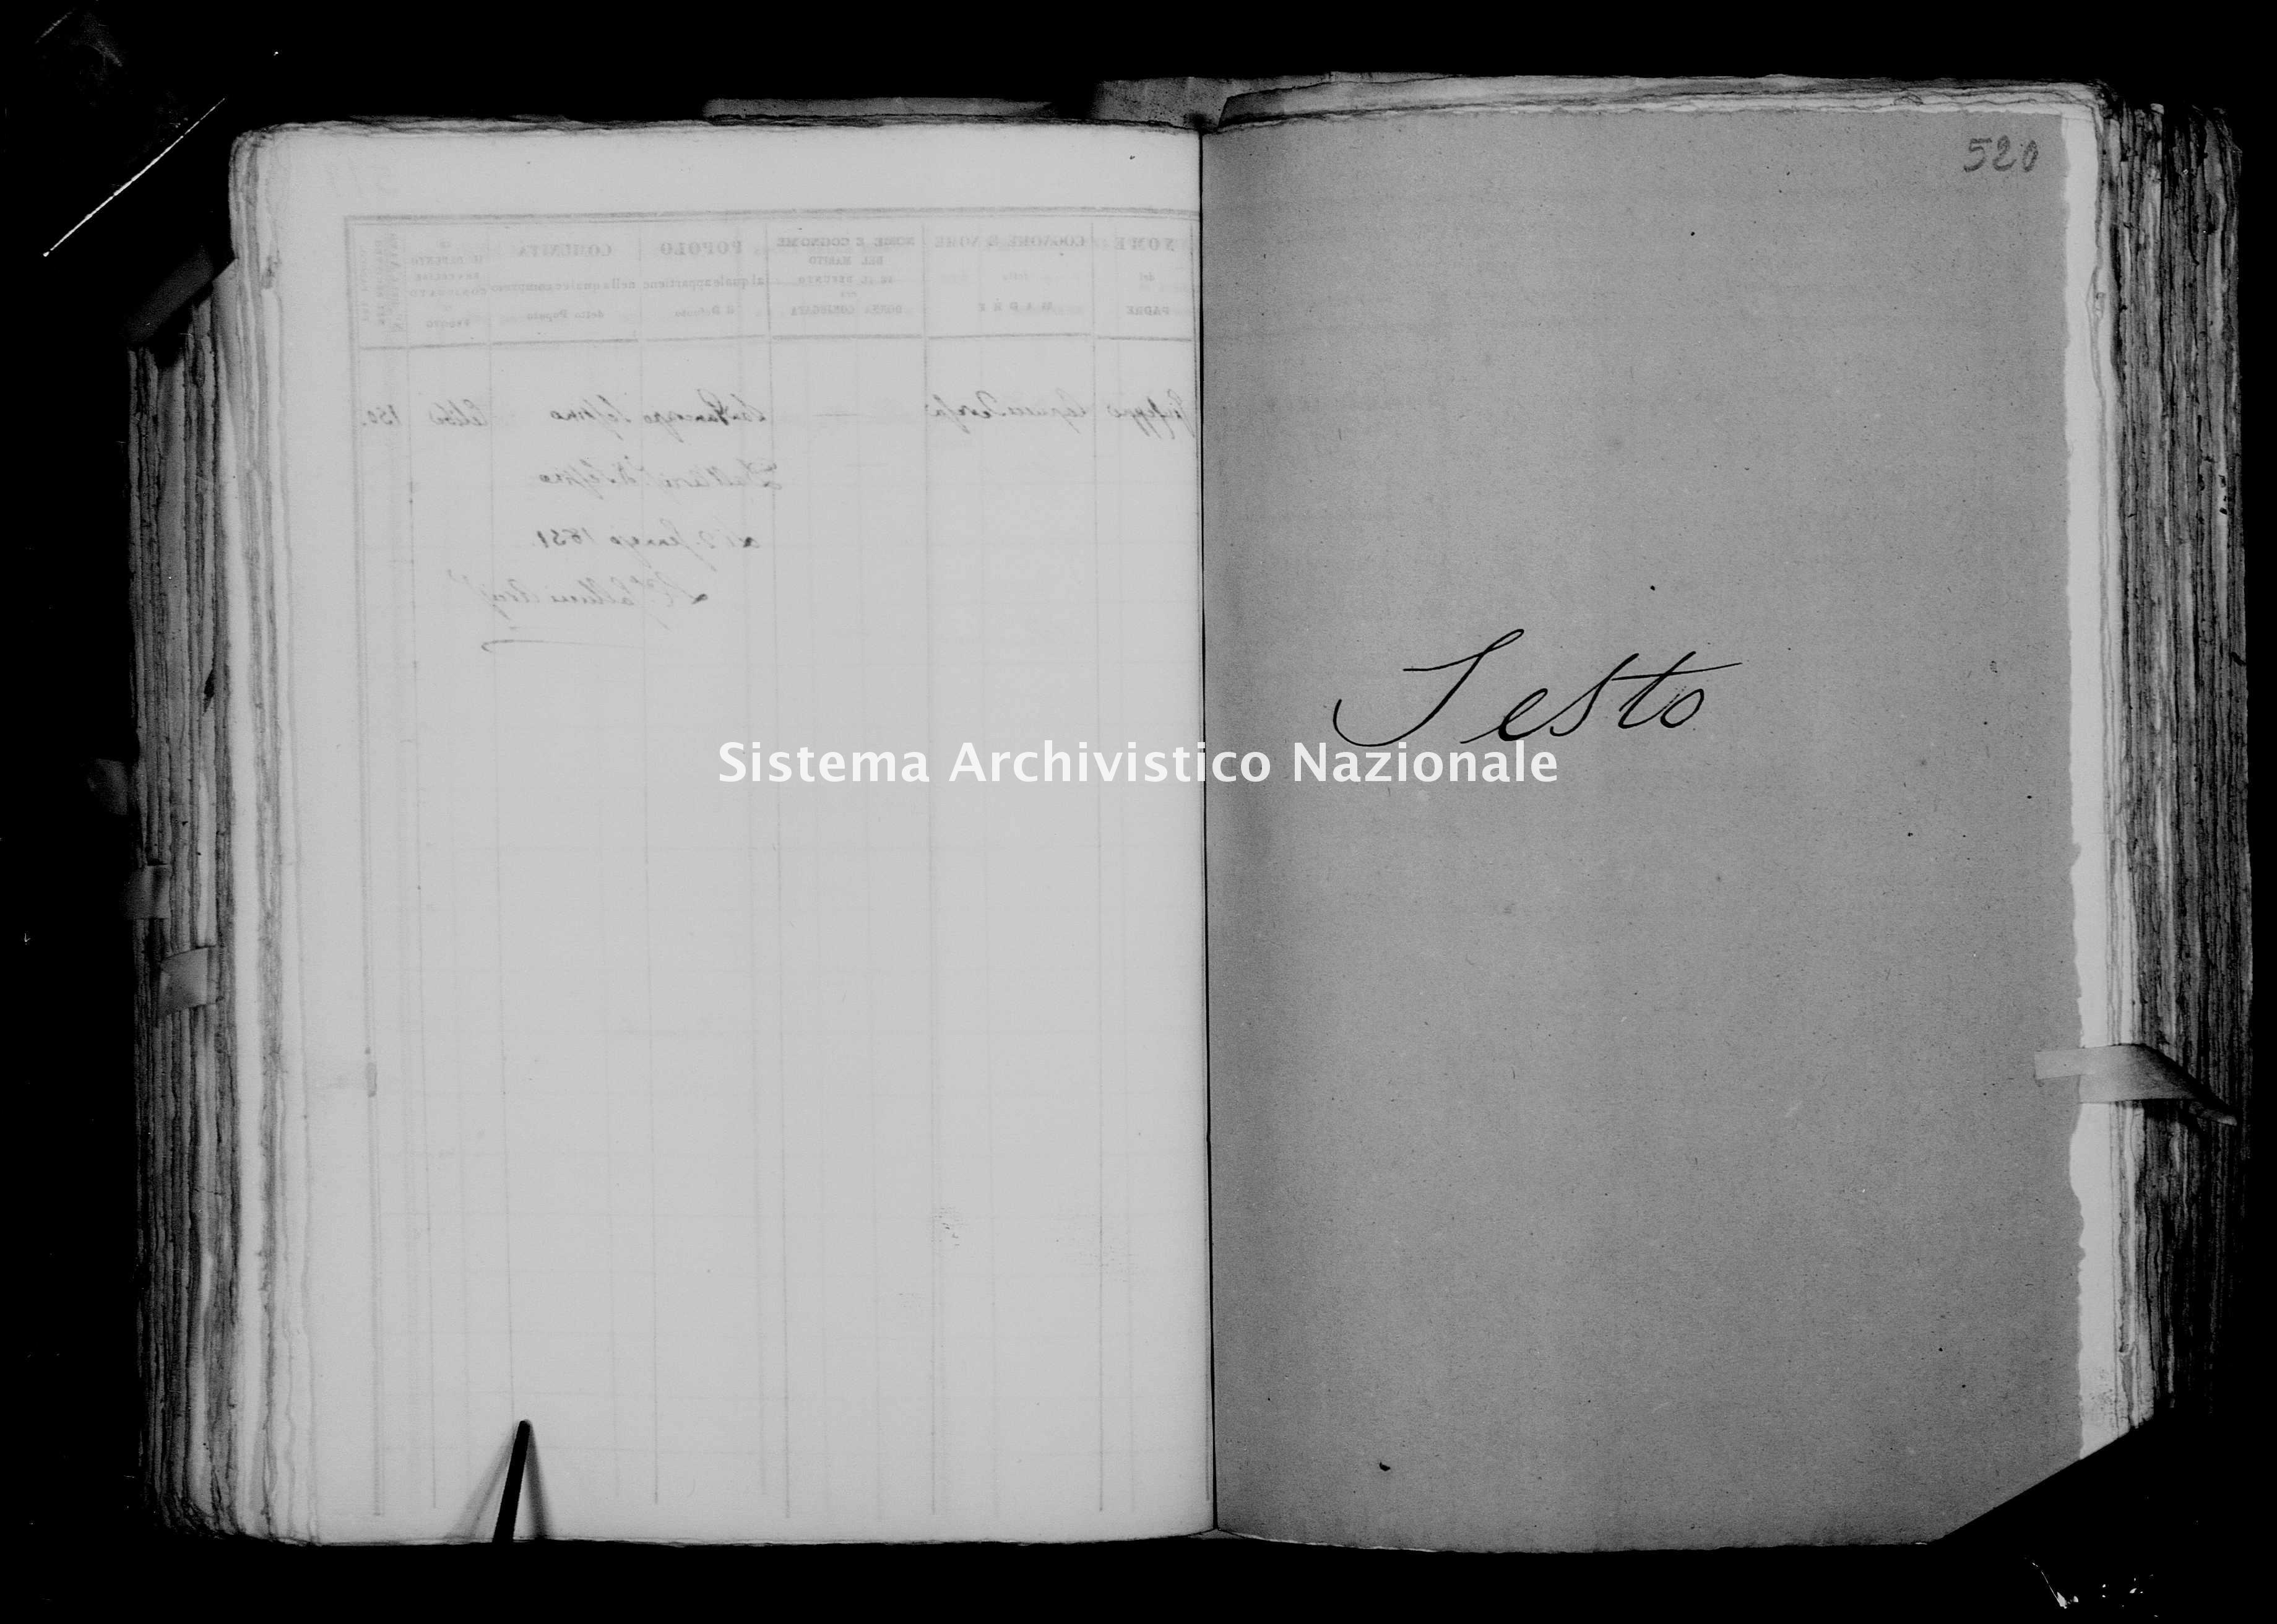 Archivio di stato di Firenze - Stato civile della restaurazione - Sesto - Morti - 1850 - 1759 -